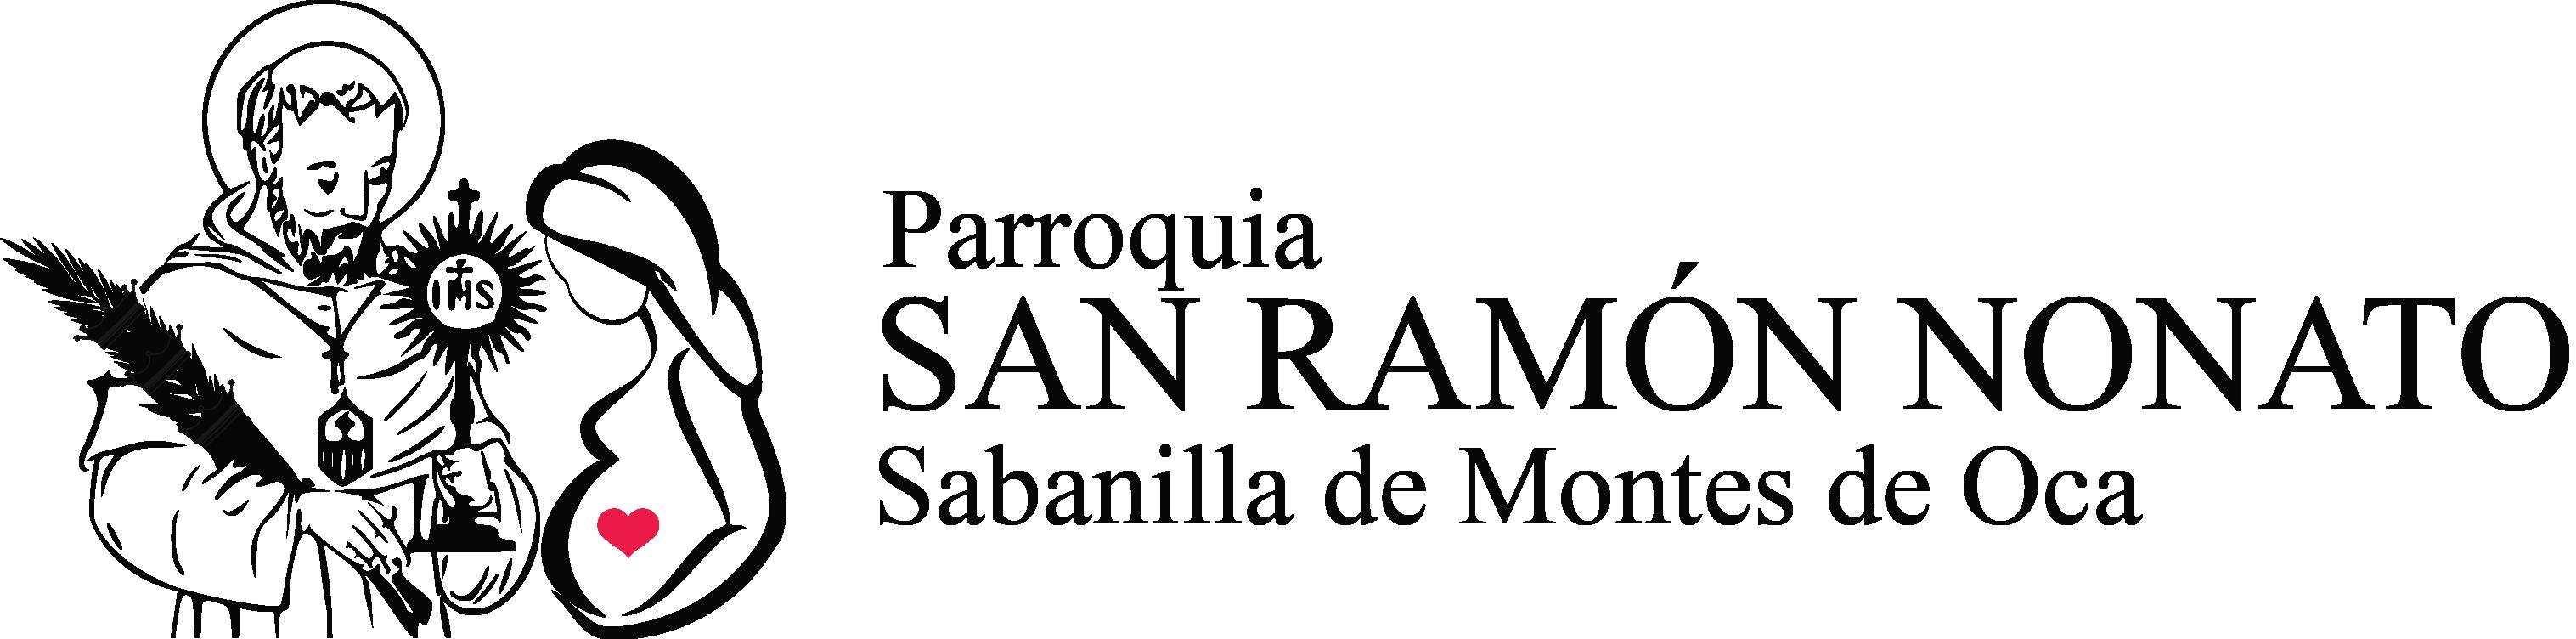 Parroquia San Ramón Nonato